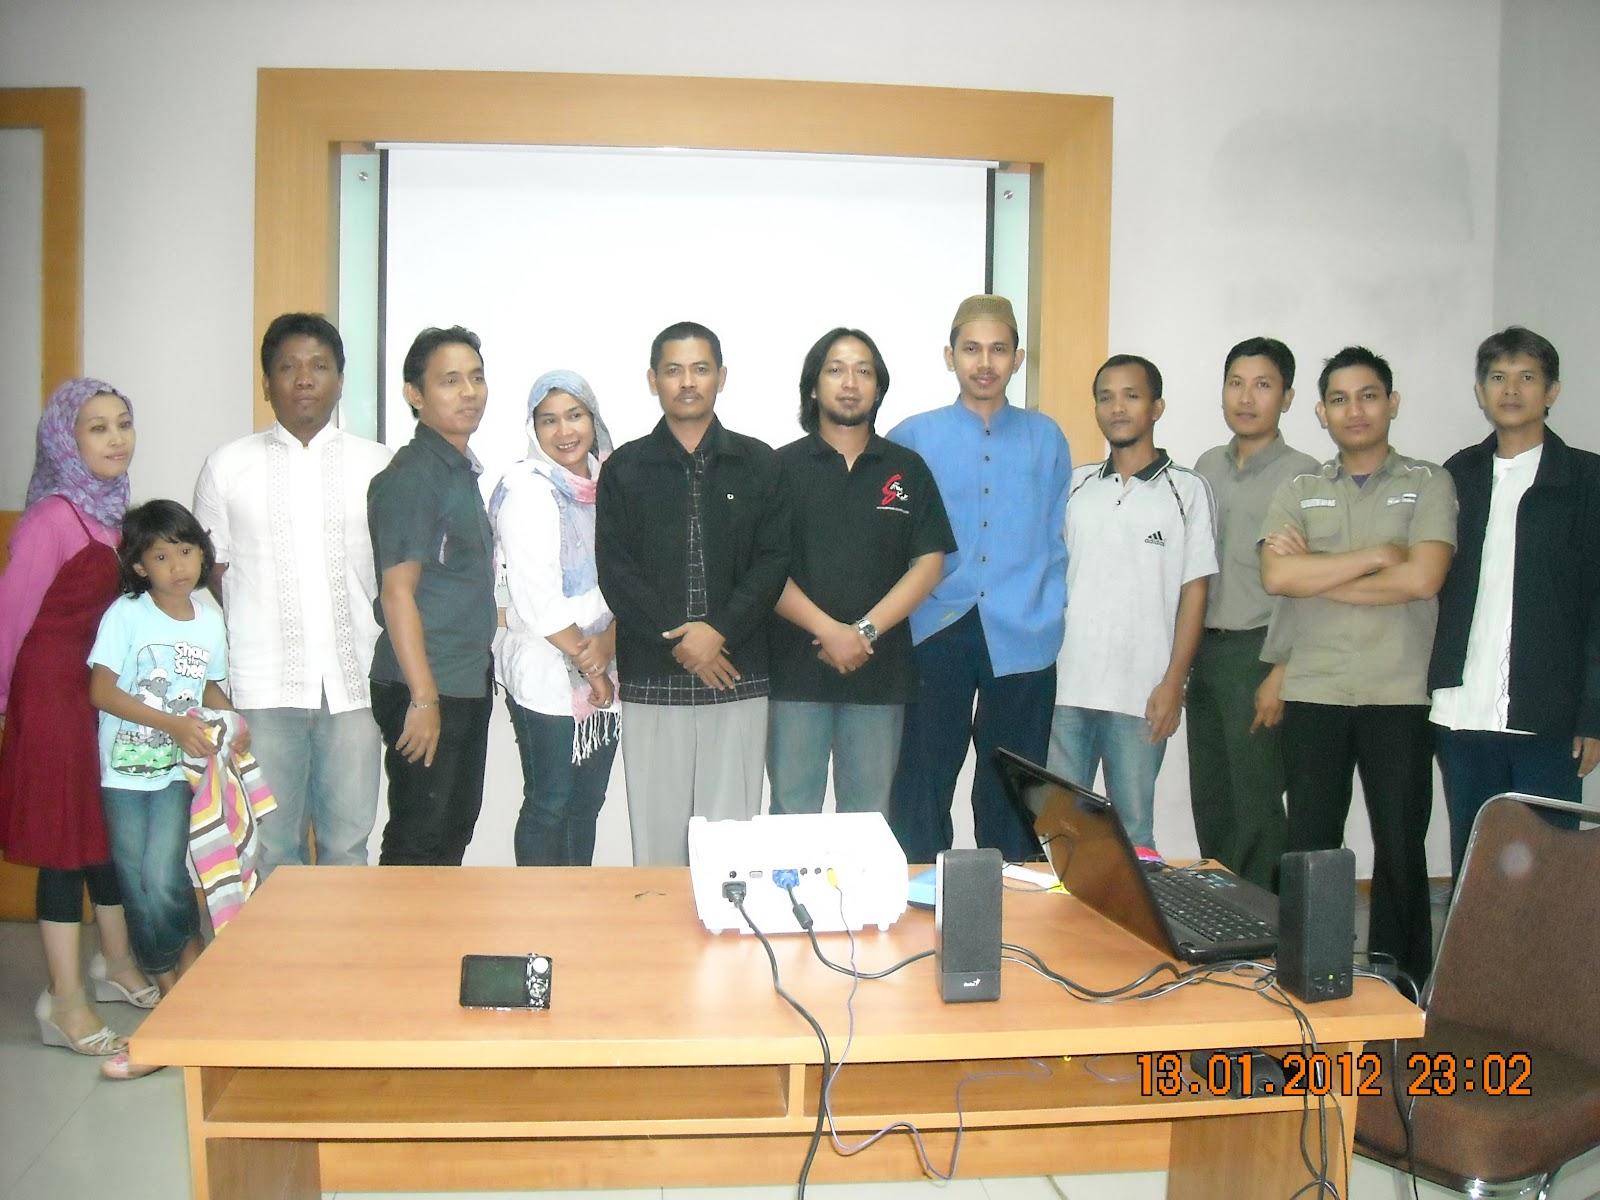 WORKSHOP DI SURABAYA & JAKARTA